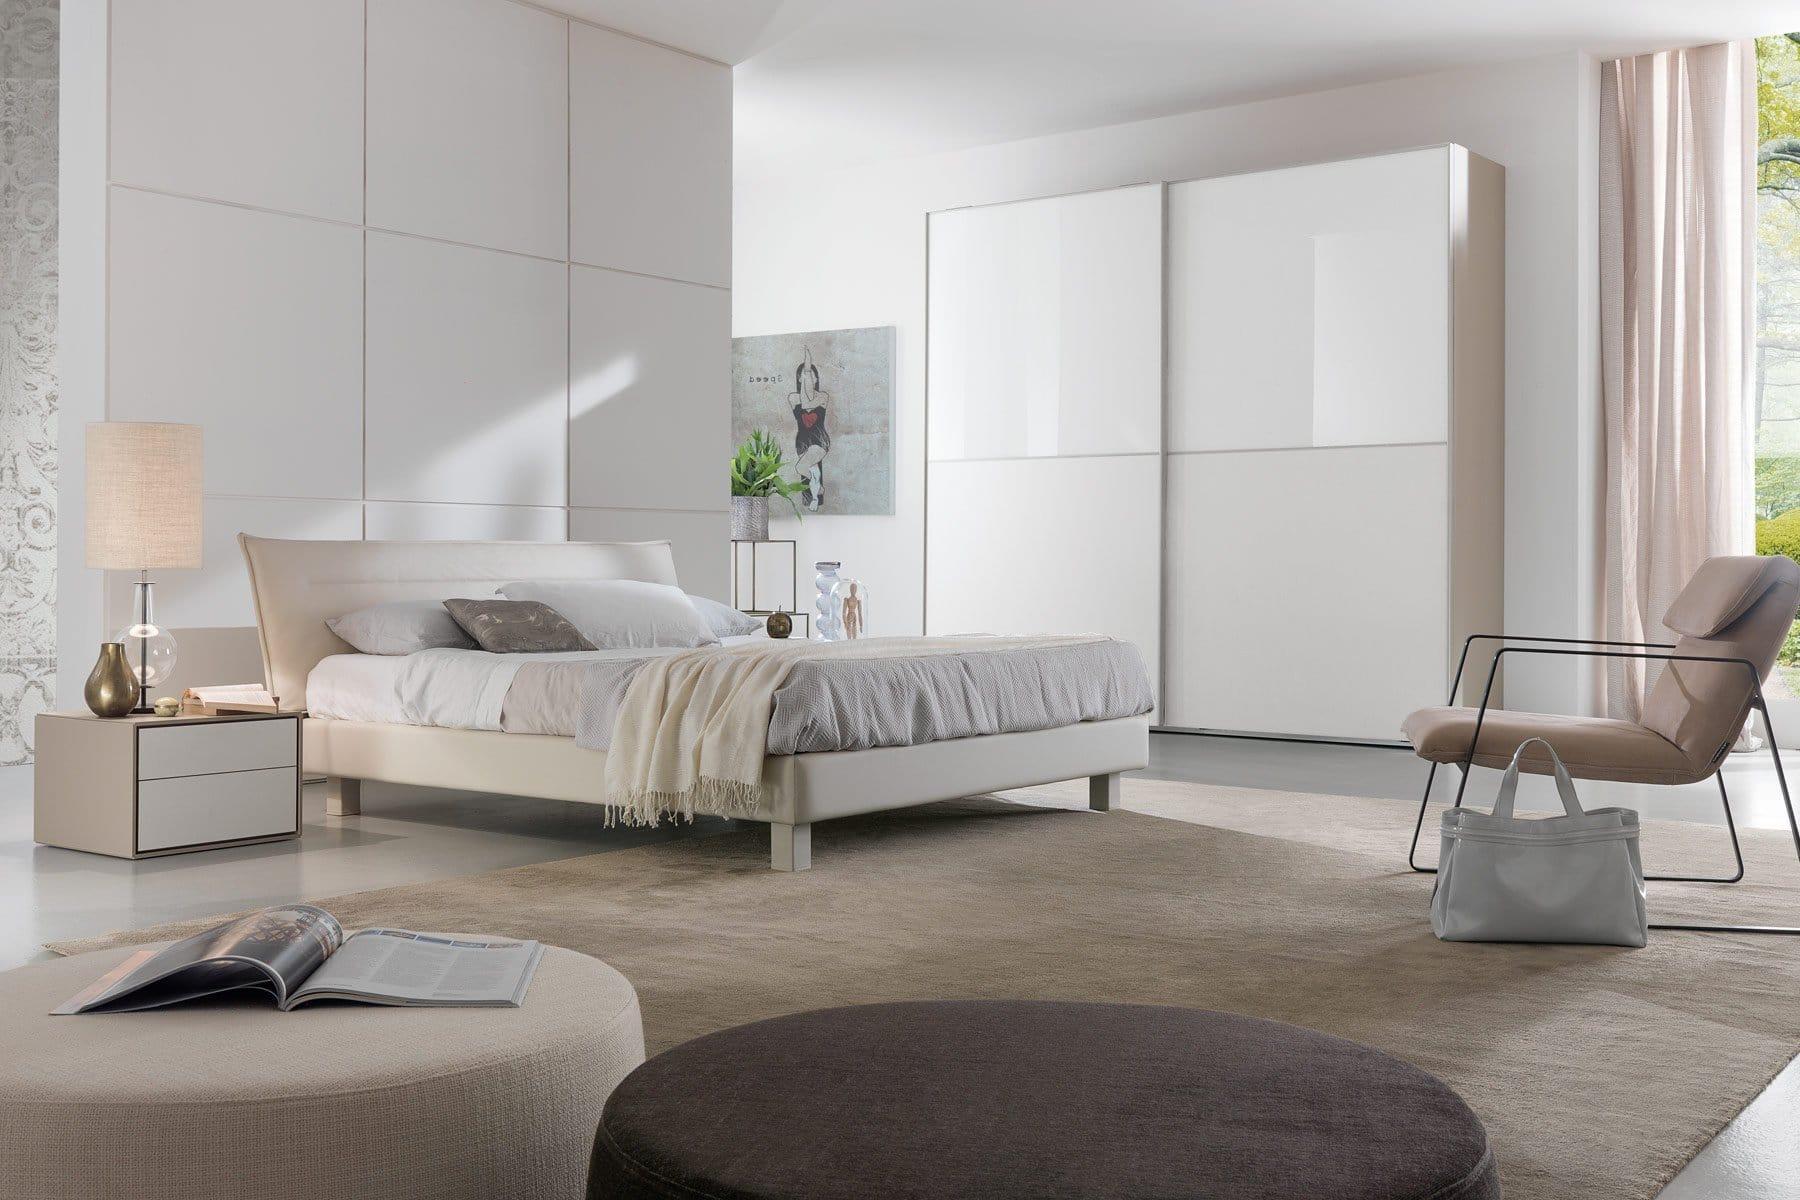 Camera da letto con armadio scorrevole Modello Catan ...